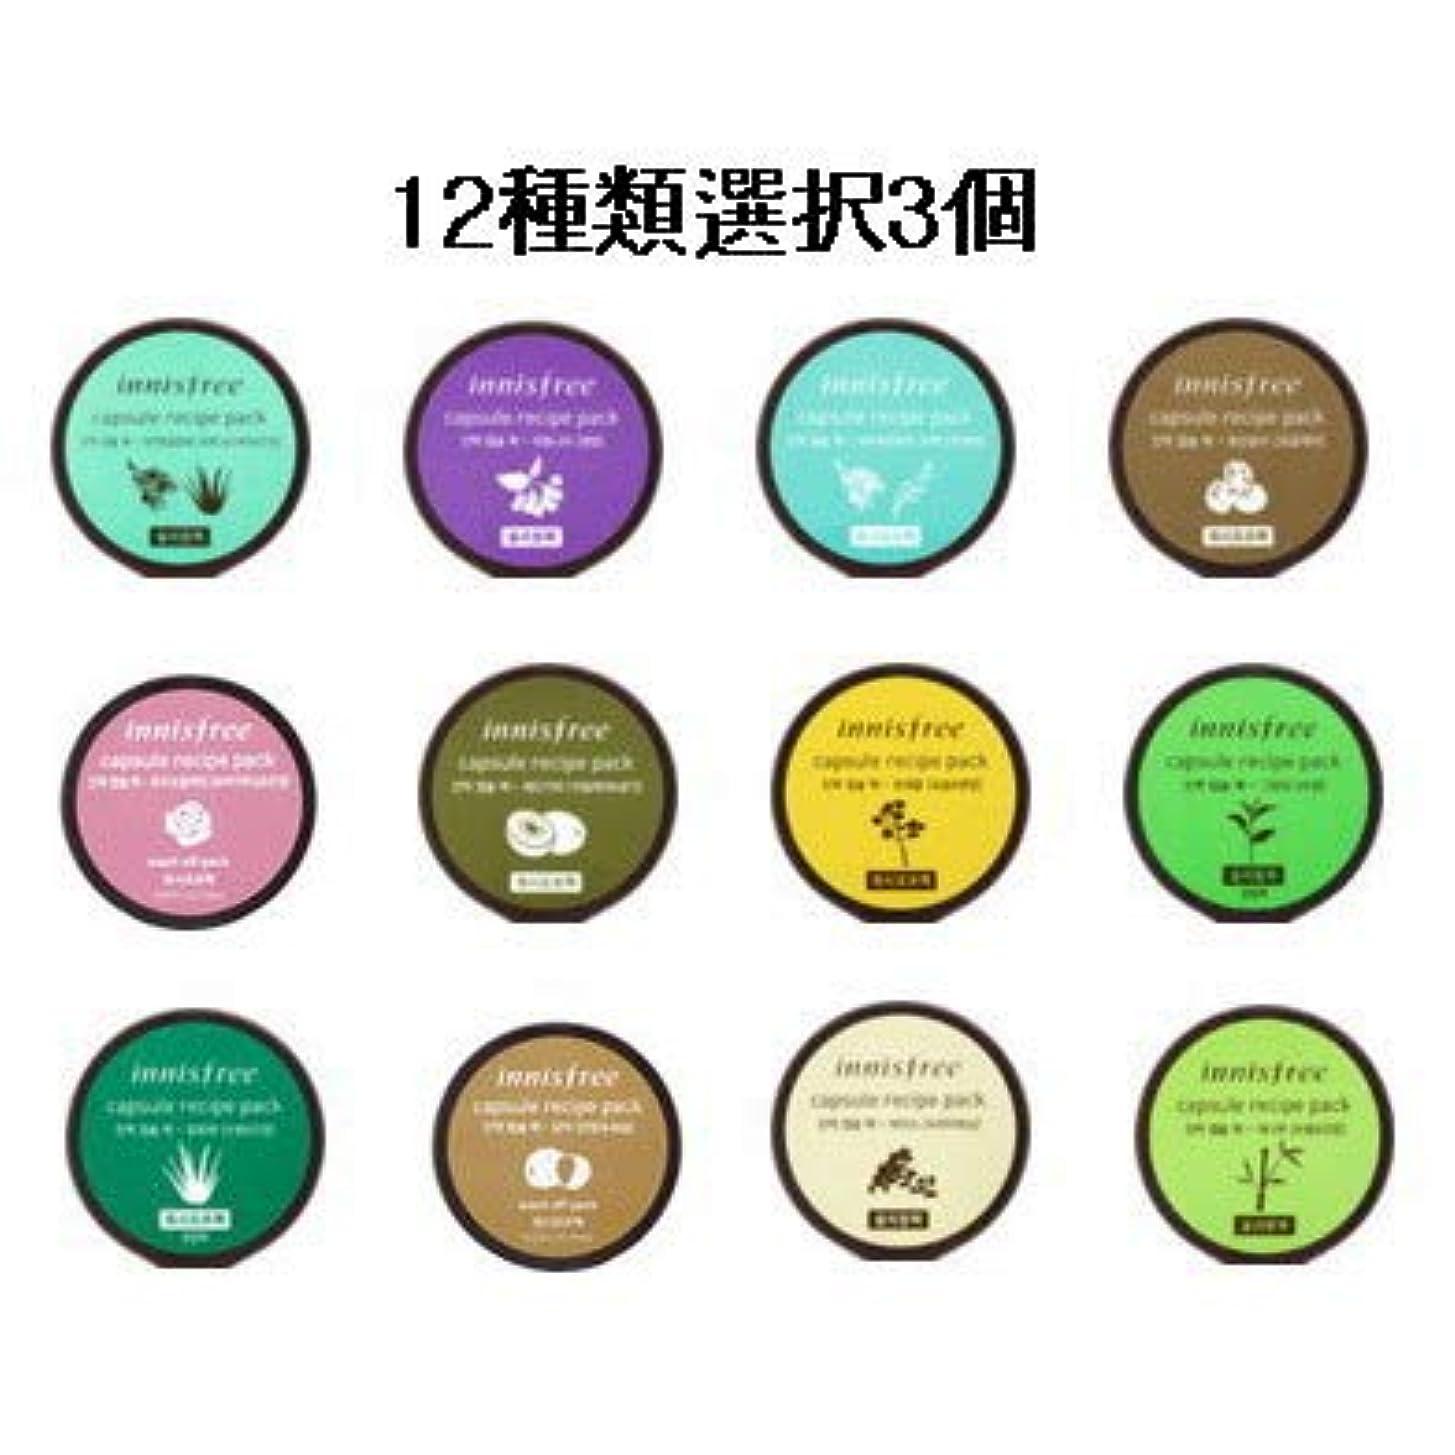 暖かさマウス北東【innisfree(イニスフリー)】津液カプセルパック10ml×3個 (12種類選択3個) [並行輸入品]